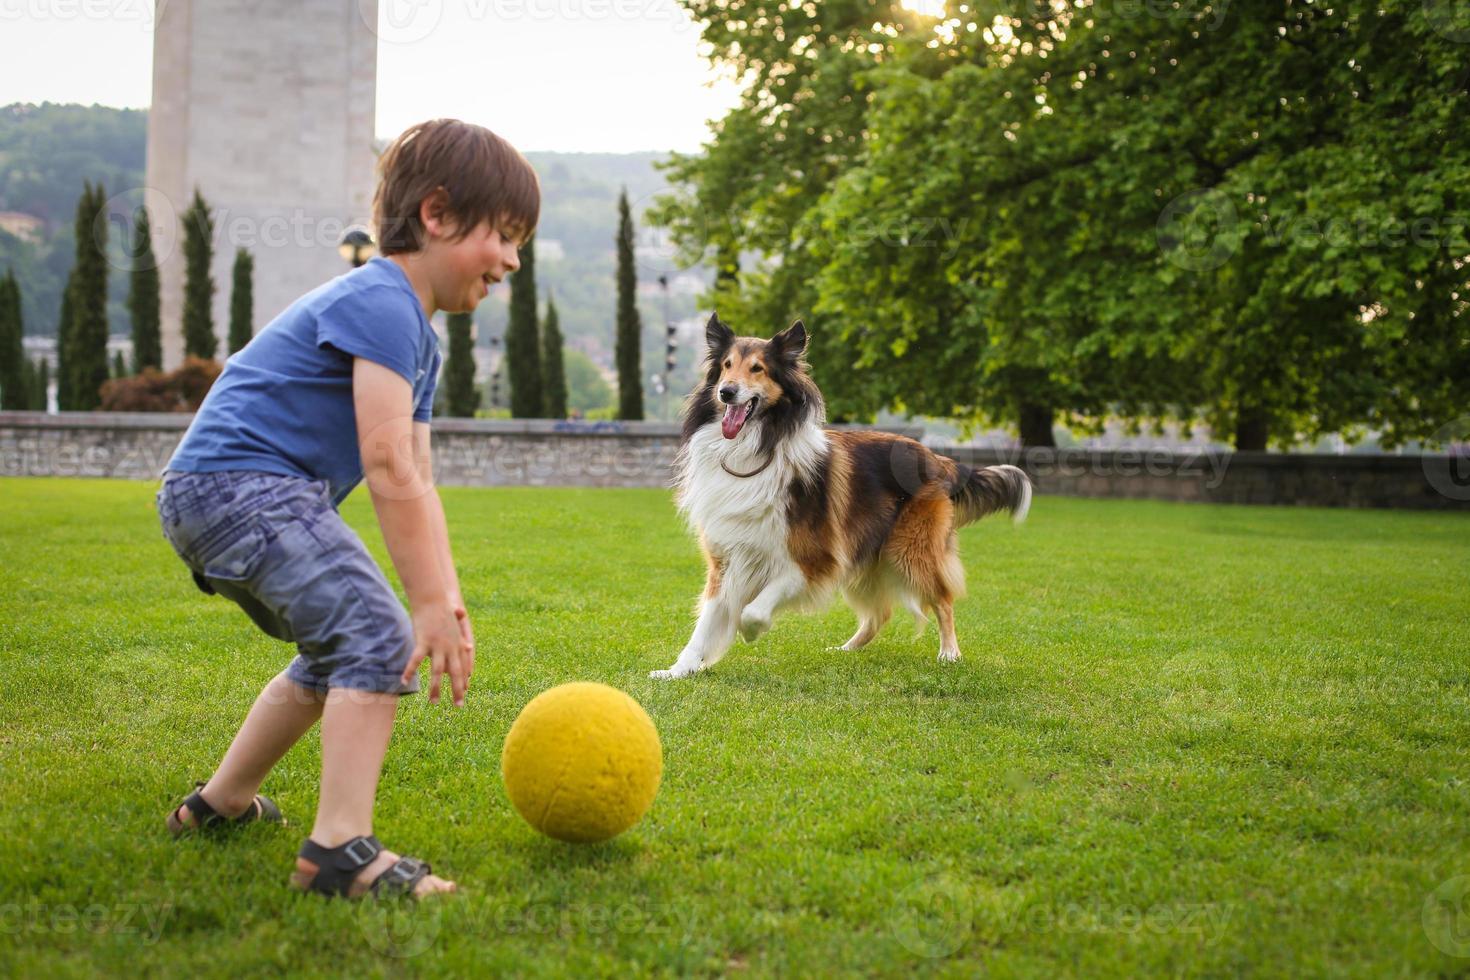 jeune garçon jouant avec un chien dans le parc photo